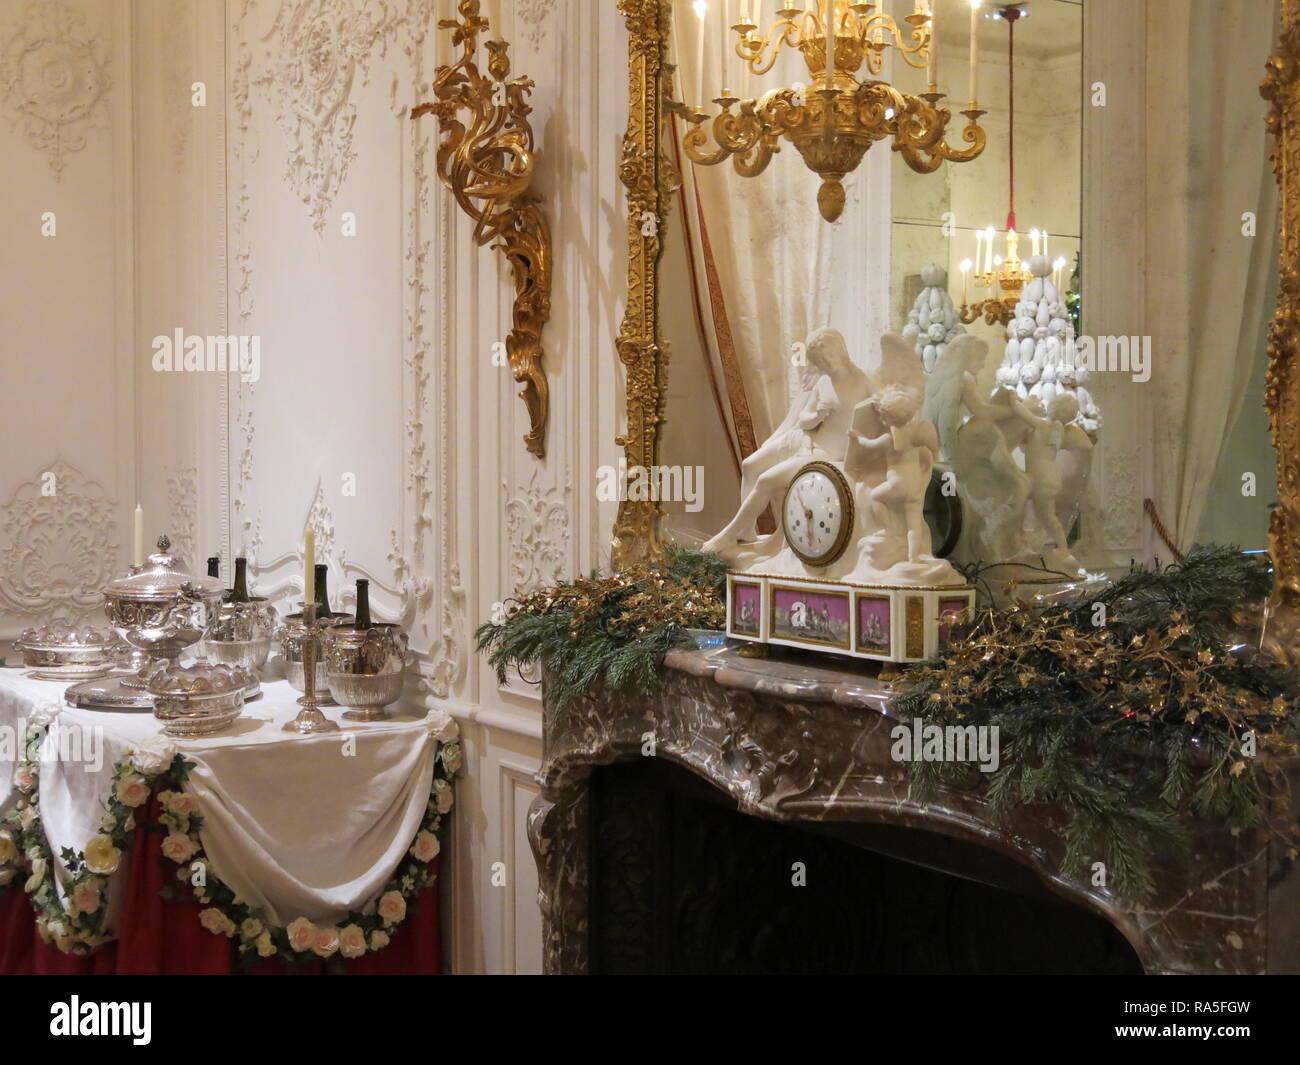 Un reloj ornamental, candelabros, espejos y mantlepiece ...